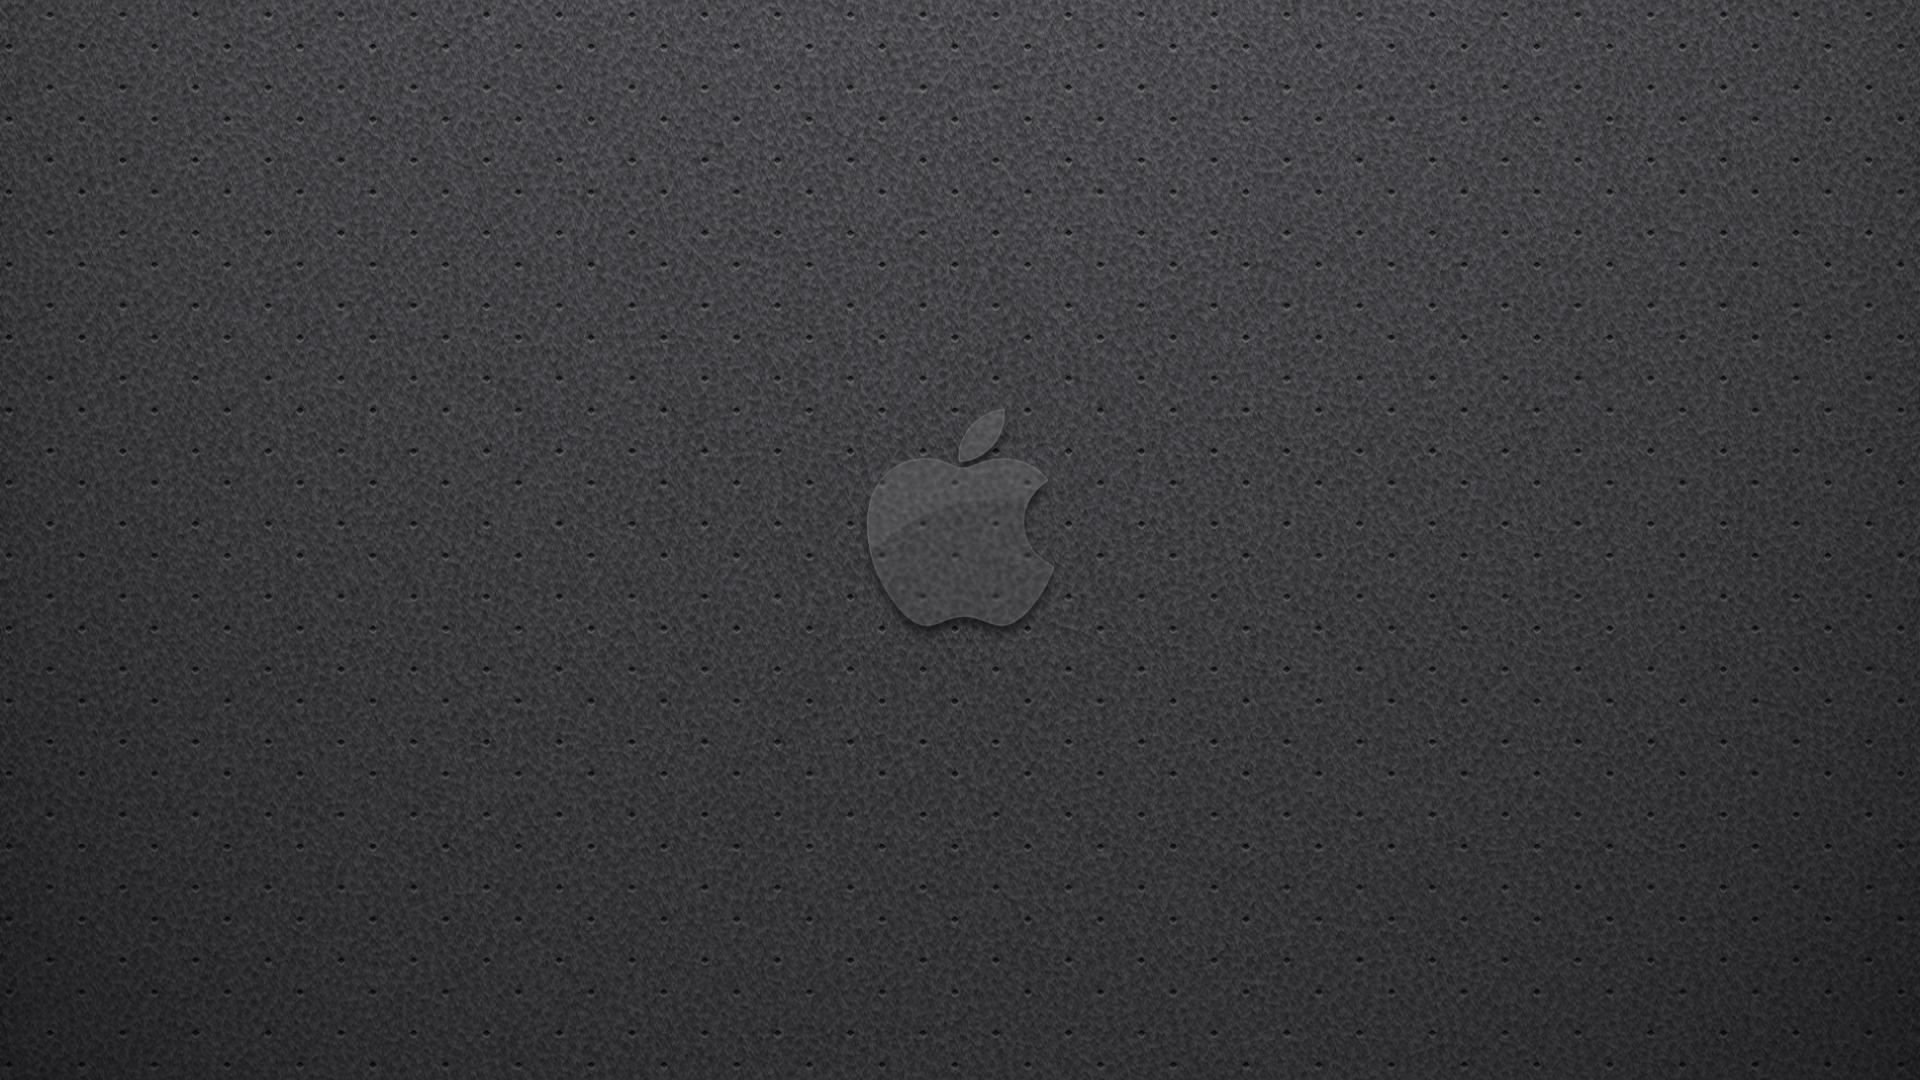 Soft OSX Apple wallpaper